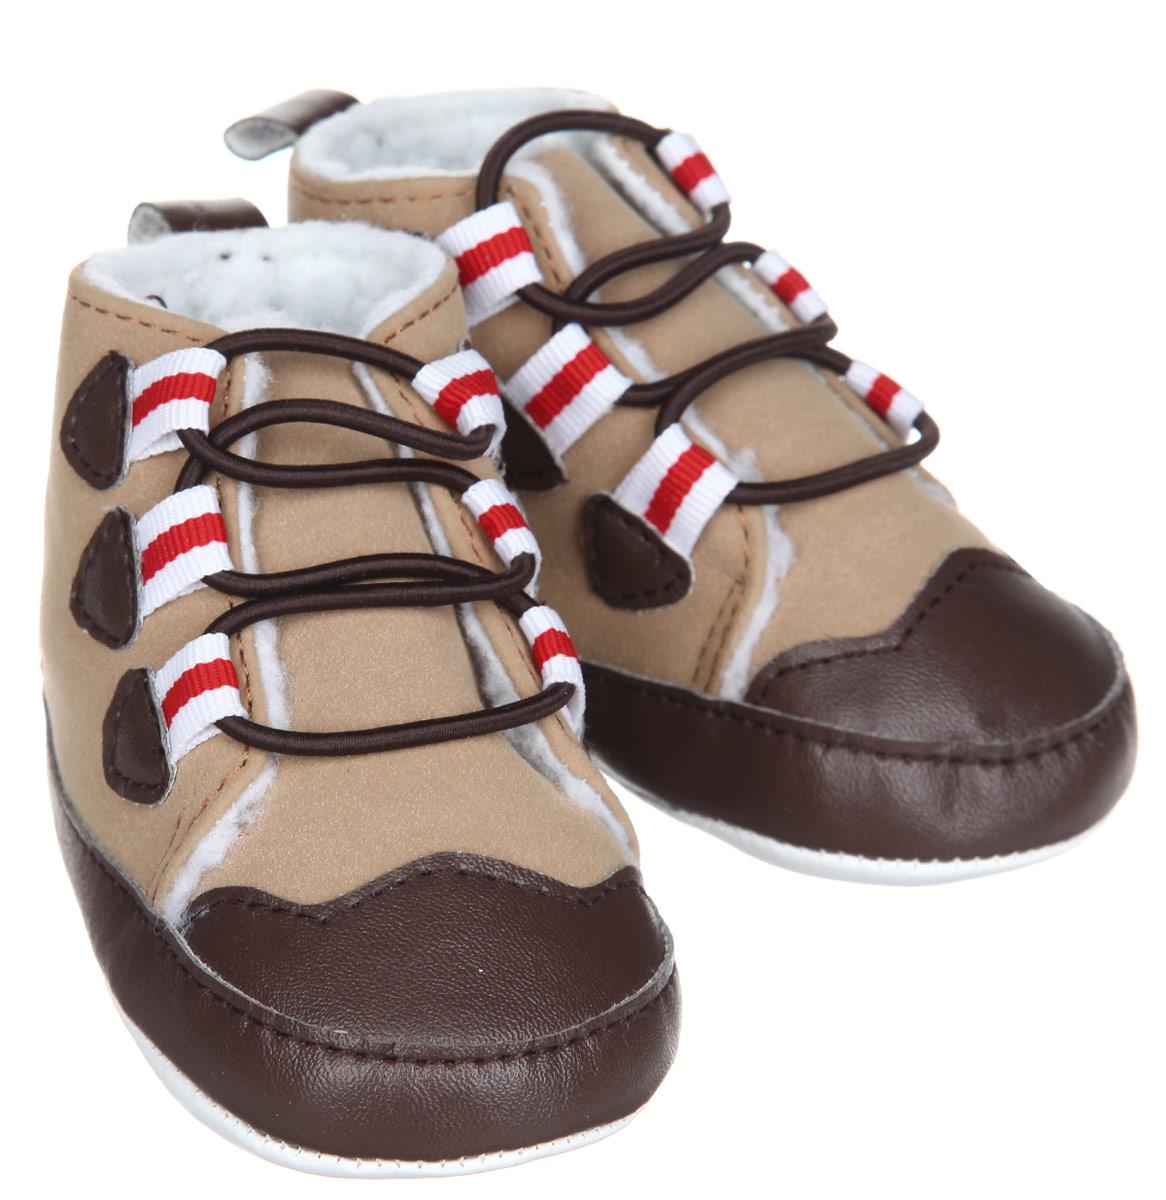 Пинетки для мальчика Luvable Friends Теплые ботинки, цвет: бежевый, коричневый, красный. 11781. Размер 12/18 месяцев11781Стильные пинетки для мальчика Luvable Friends Теплые ботинки отлично подойдут для носки в прохладную погоду. Изделие выполнено из искусственной замши. В качестве подкладки используется искусственная шерсть - шерпа, которая сохранит ножки ребенка в тепле.Модель дополнена эластичной шнуровкой, надежно фиксирующей пинетки на ножке младенца. На стопе предусмотрен прорезиненный рельефный рисунок, благодаря которому ребенок не будет скользить.Мягкие, не сдавливающие ножку материалы делают модель практичной и популярной. Такие пинетки - отличное решение для малышей и их родителей!